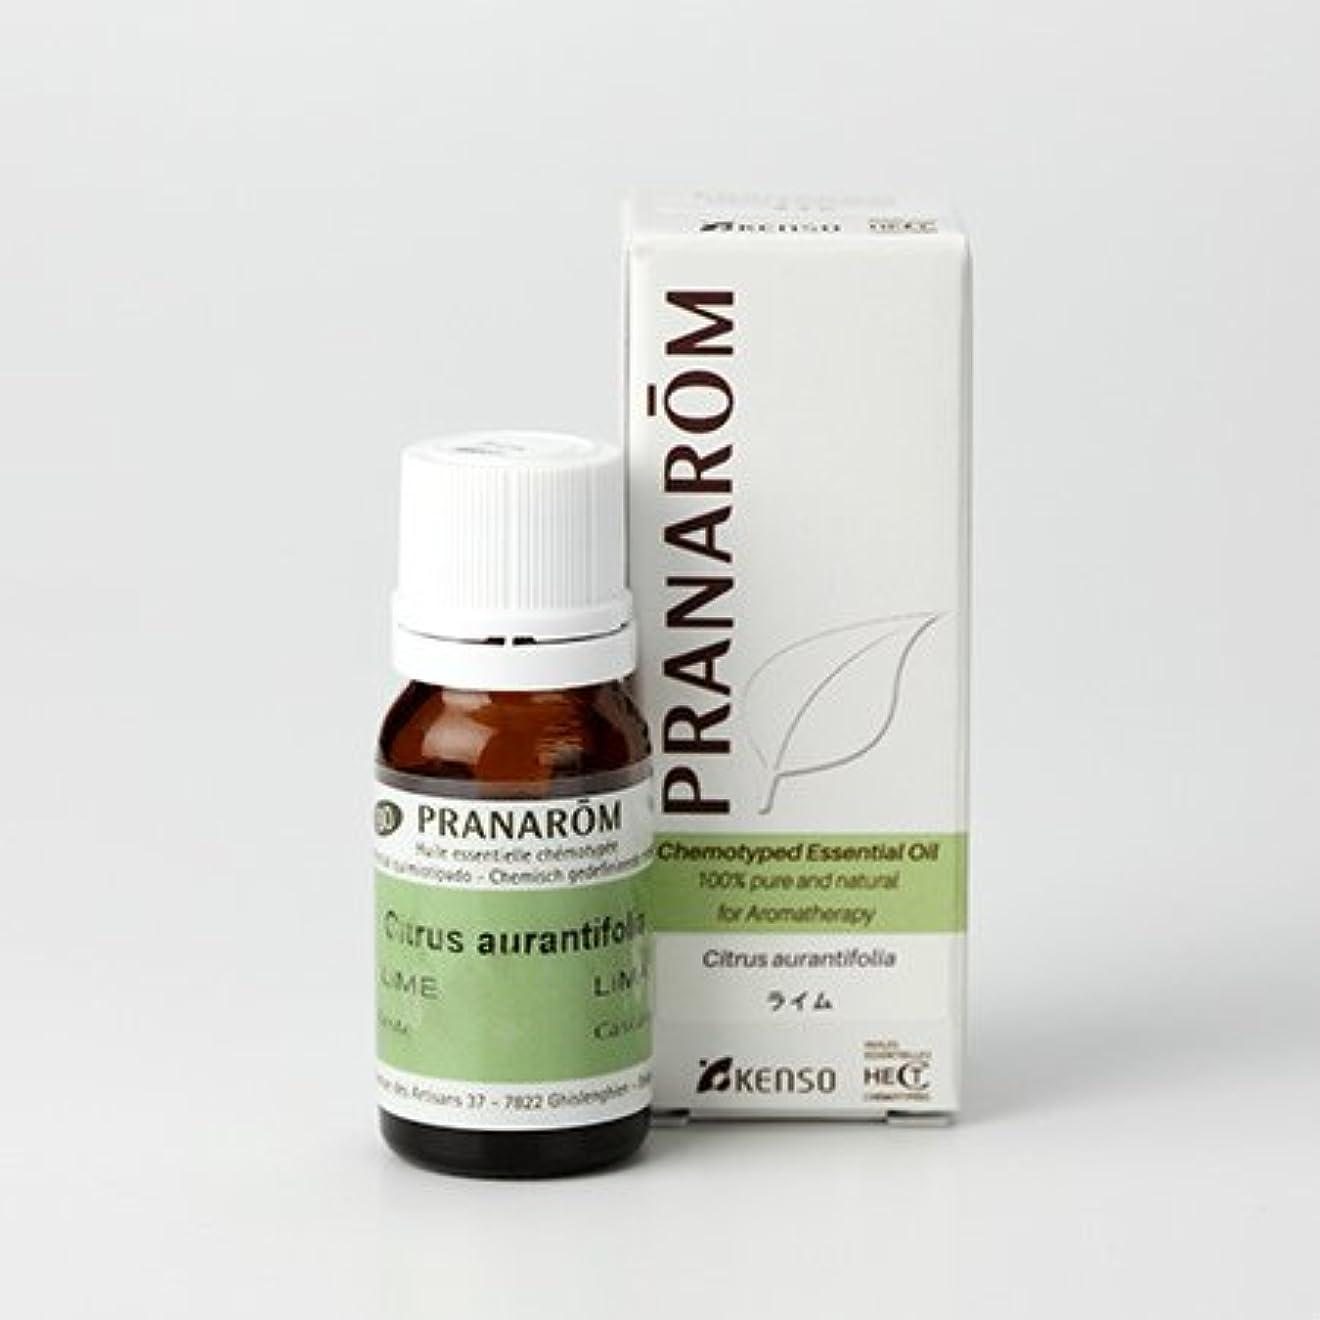 群れハンサム責めプラナロム ライム10ml (PRANAROM ケモタイプ精油)